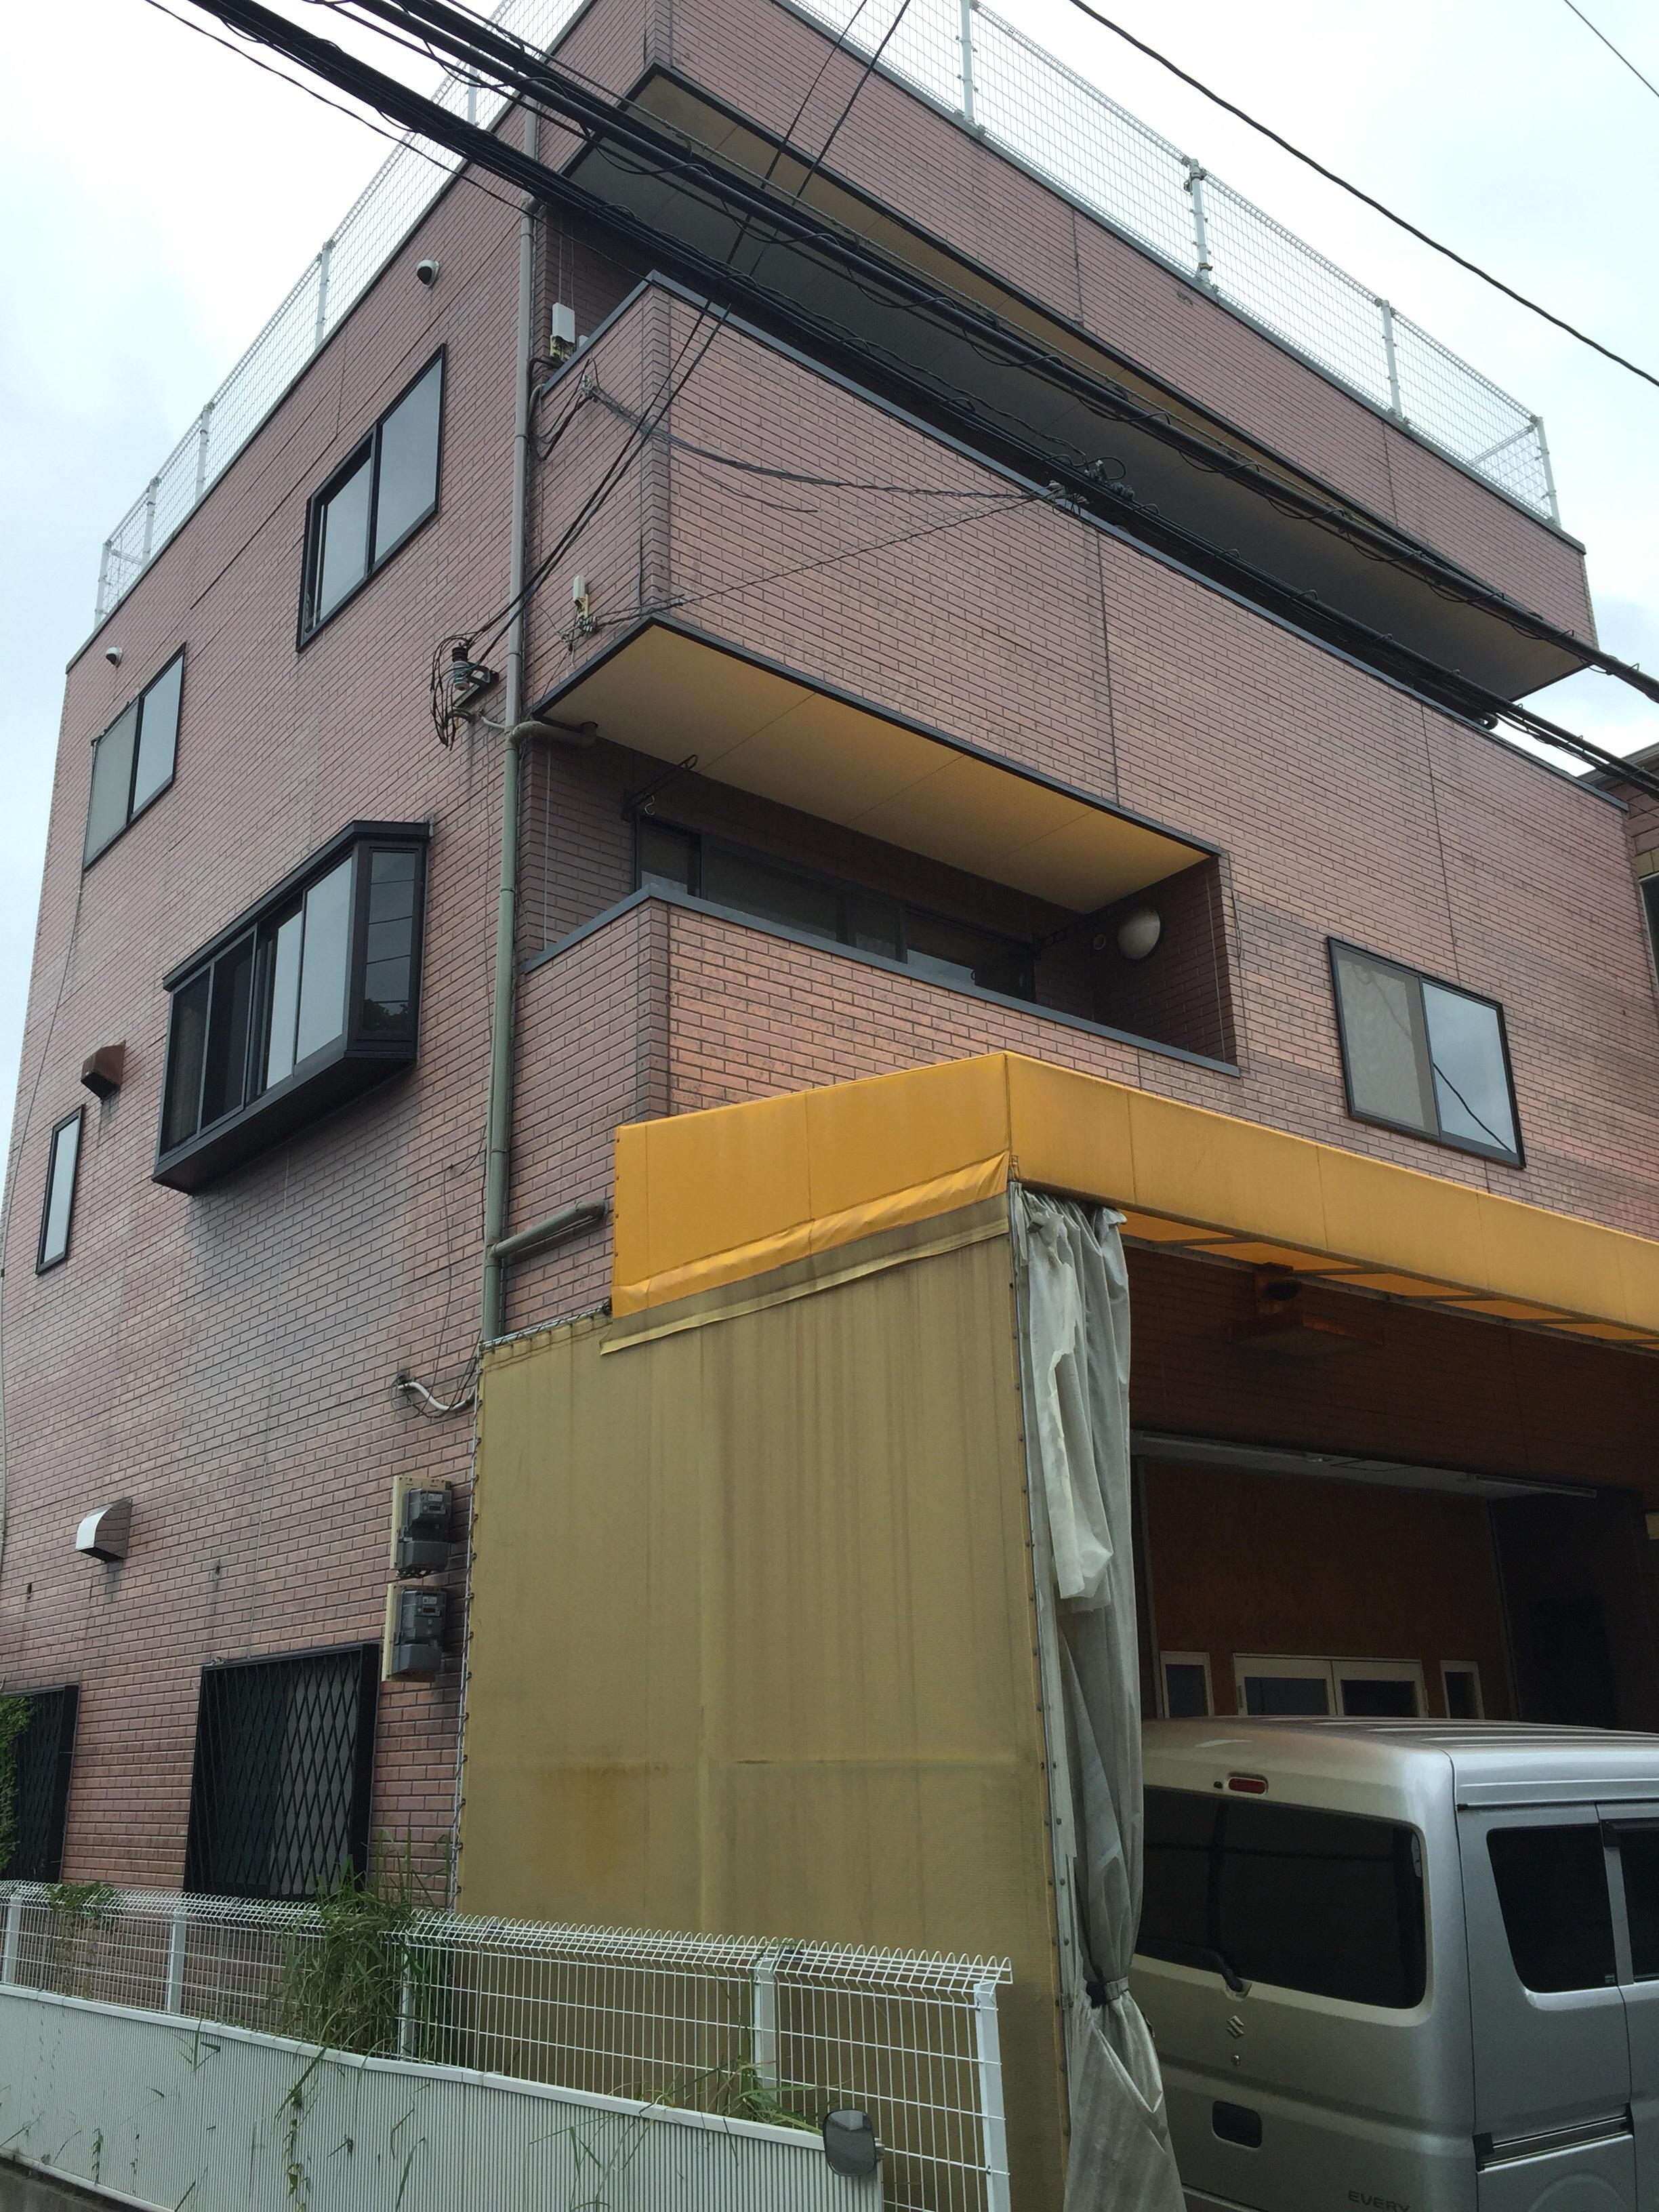 東大阪市 外壁塗装 防水工事 施工 完了